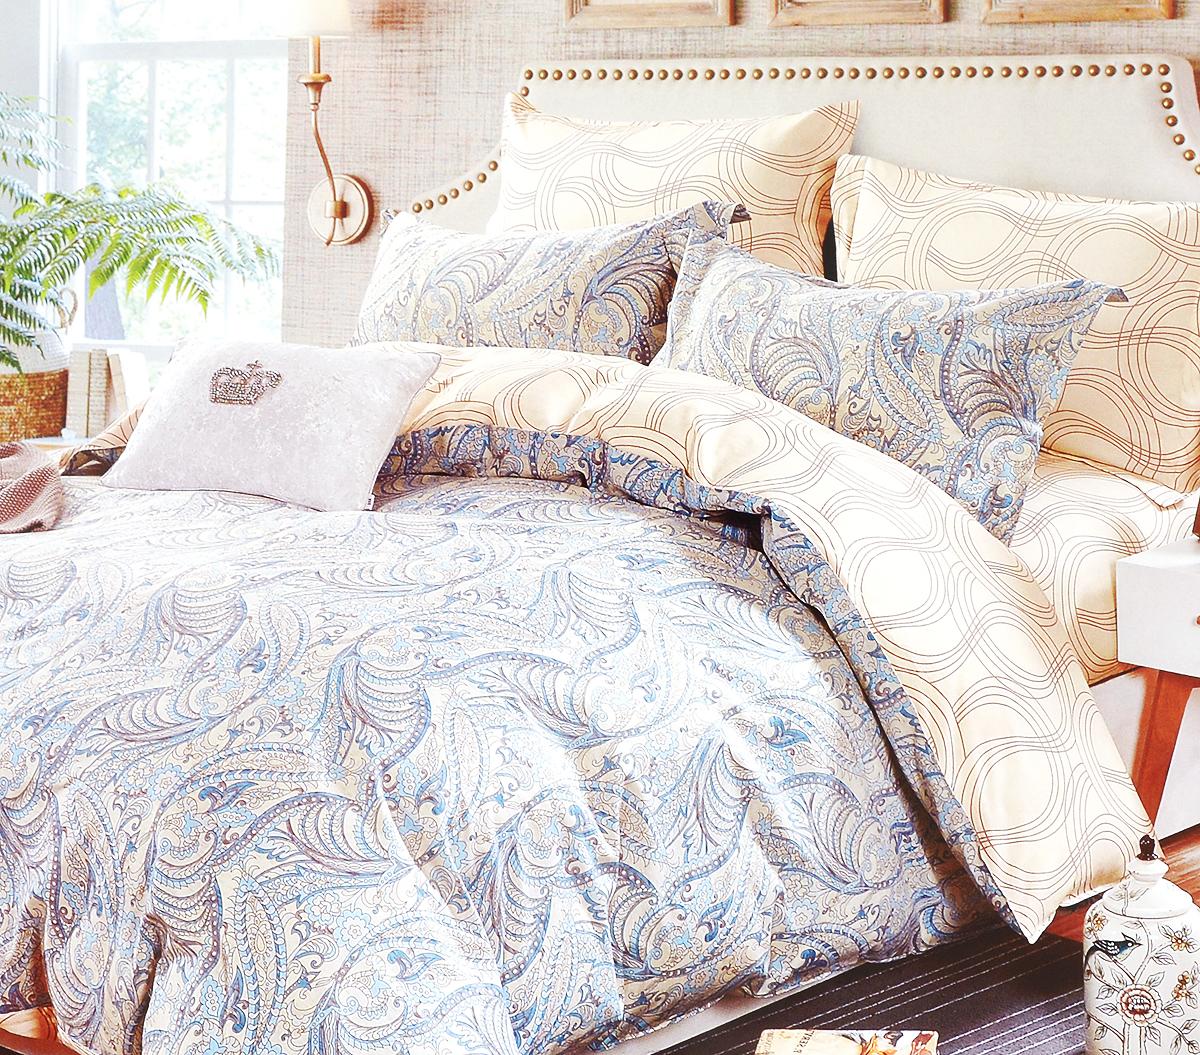 Комплект белья Arya Adella, 2-спальный, наволочки 50х70, 70х70TR1002249Турецкое постельное белье Adella (2 сп.) от компании Ария, в этническом стиле, с абстракцией, из хлопкового сатина, без декоративного материала с реактивной печатью, прямоугольная (50х70), квадратная (70х70) - если ищите красивый подарок, это то, что нужно.